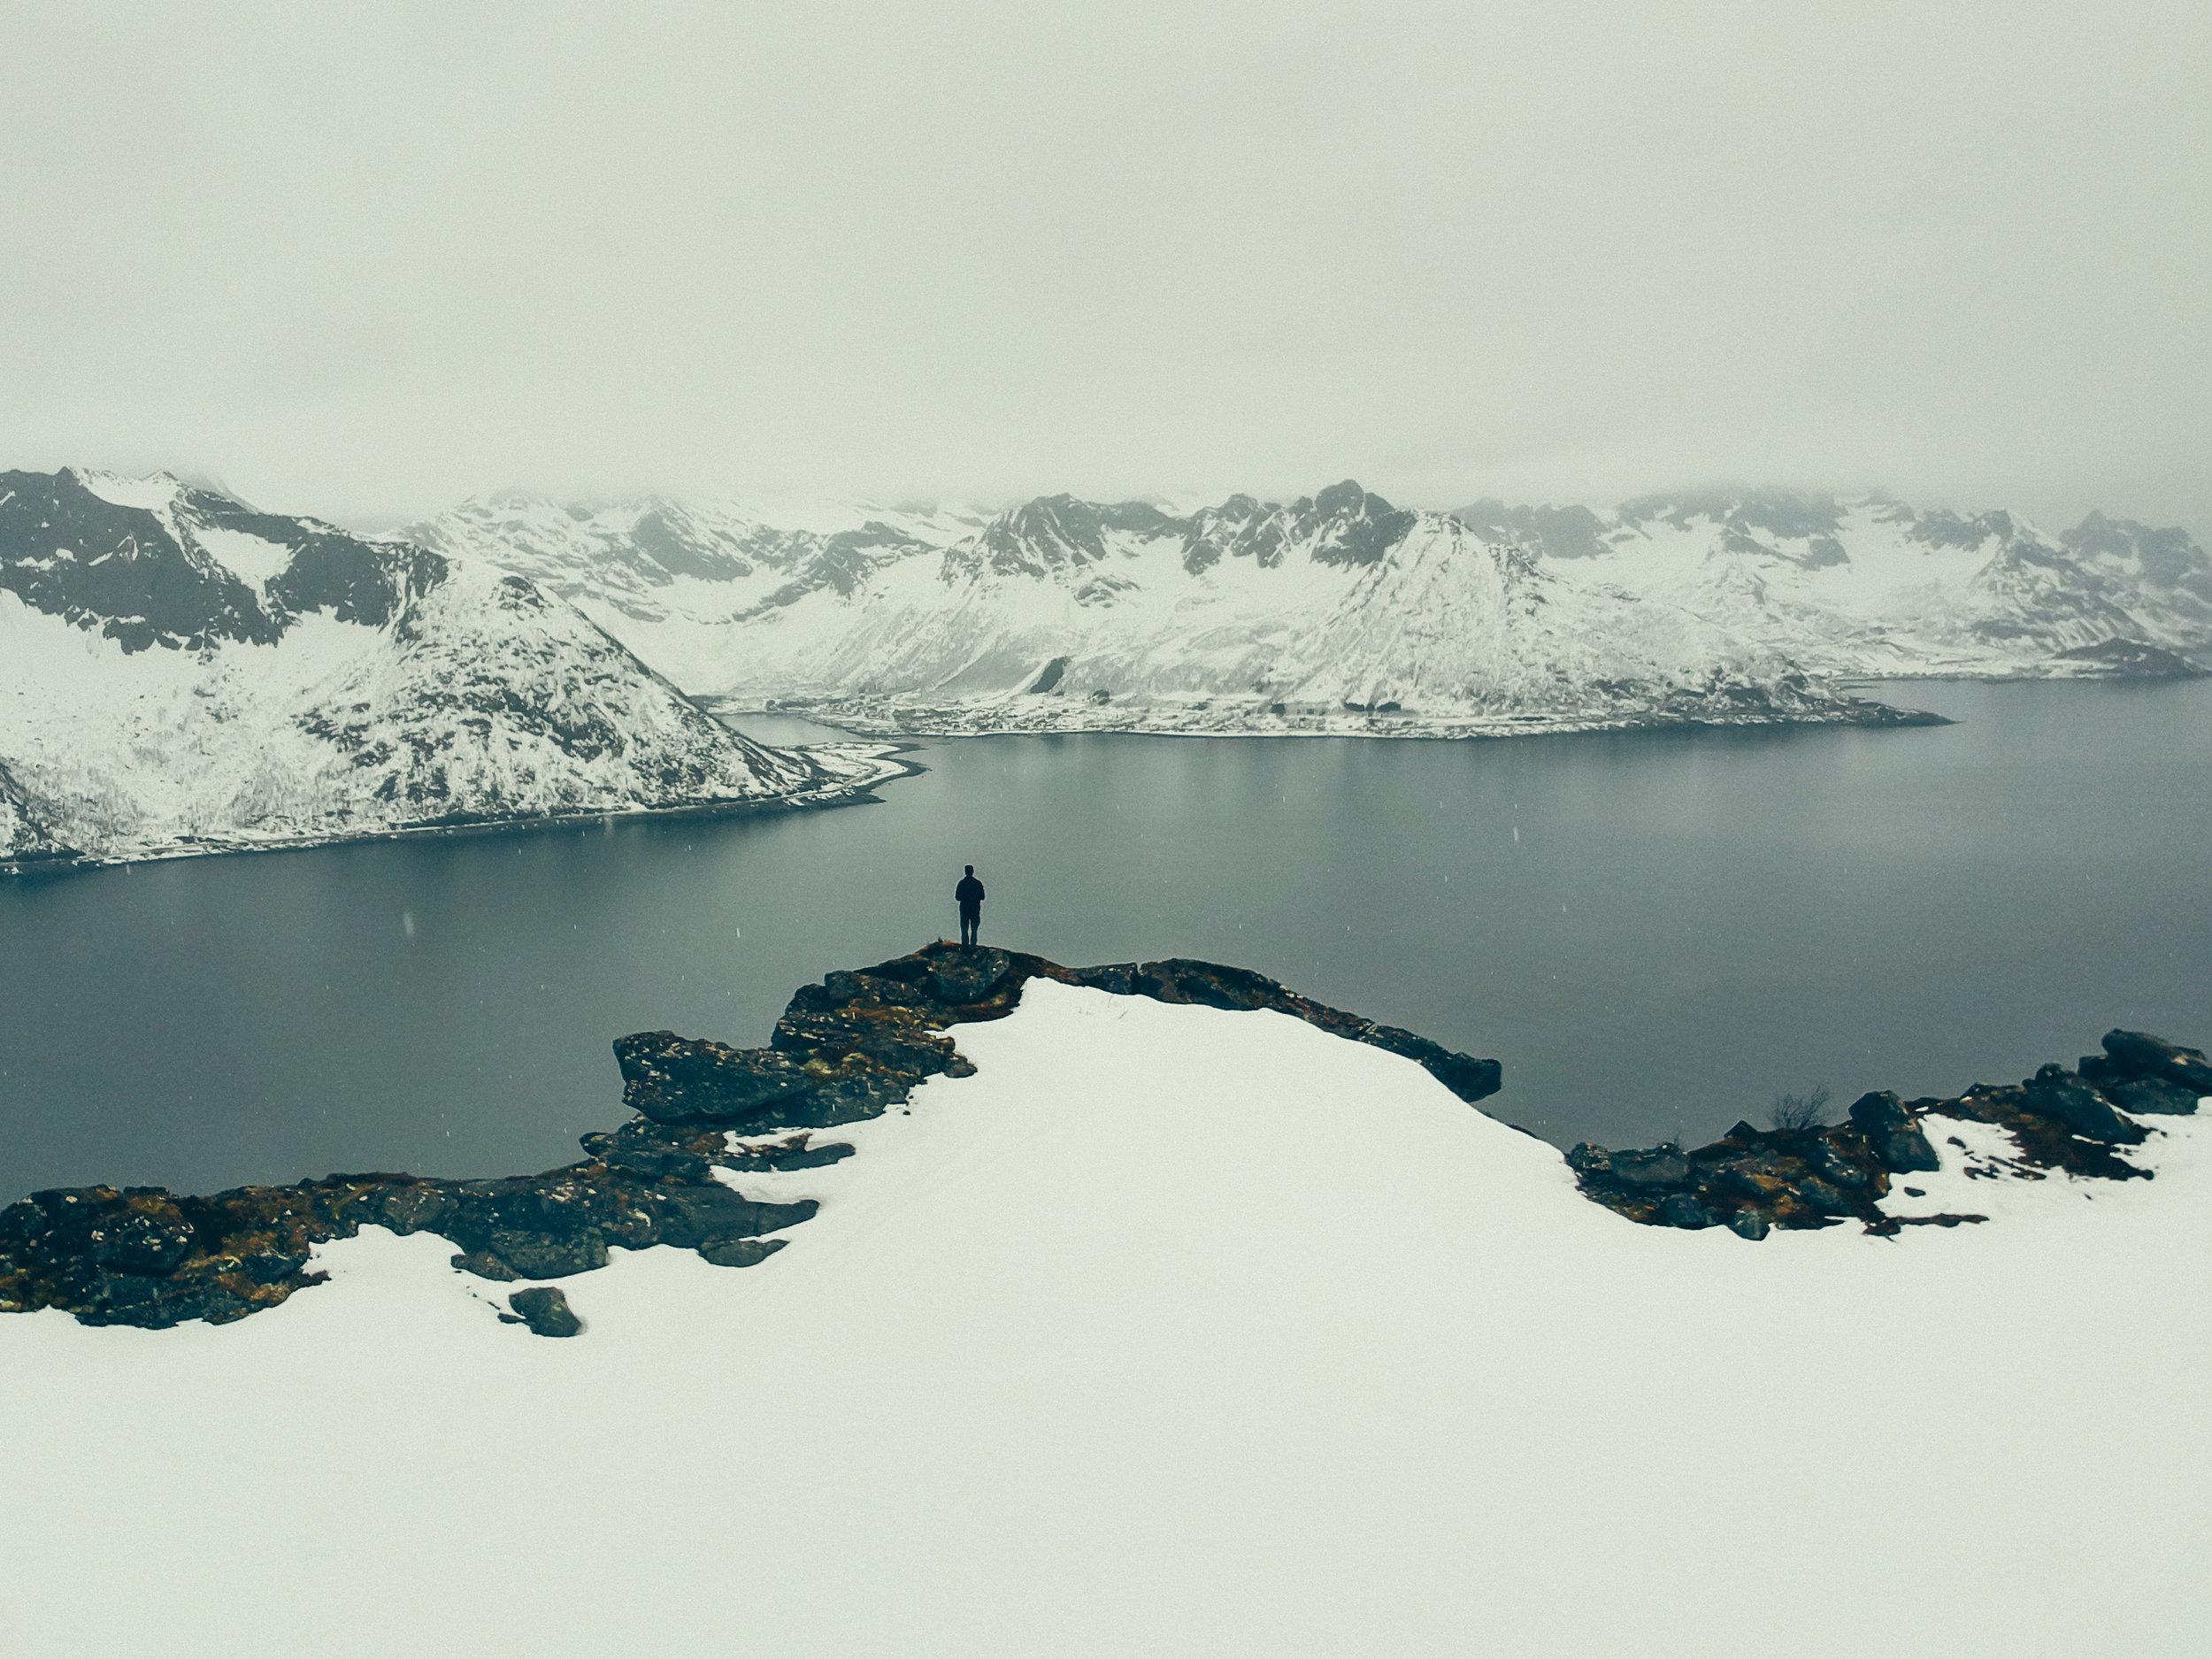 View of Senjahopen across the Mefjorden from the ridge between Hesten and Segla